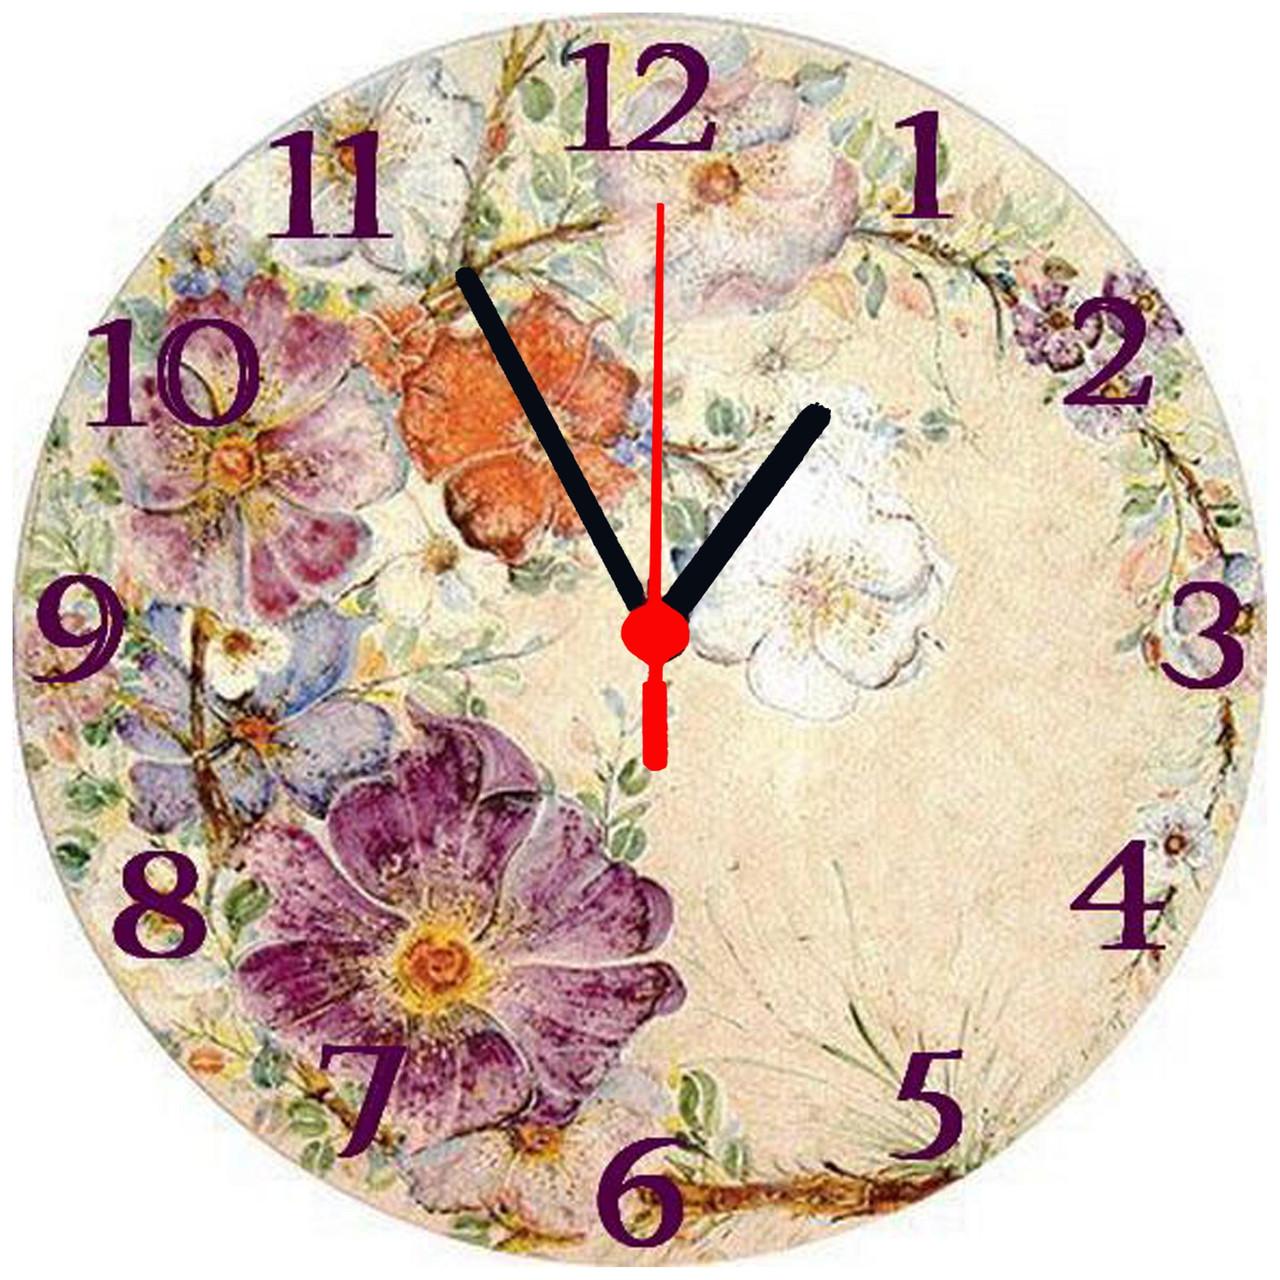 """настенные часы на стекле """"Цветочный рисунок"""" круглые"""